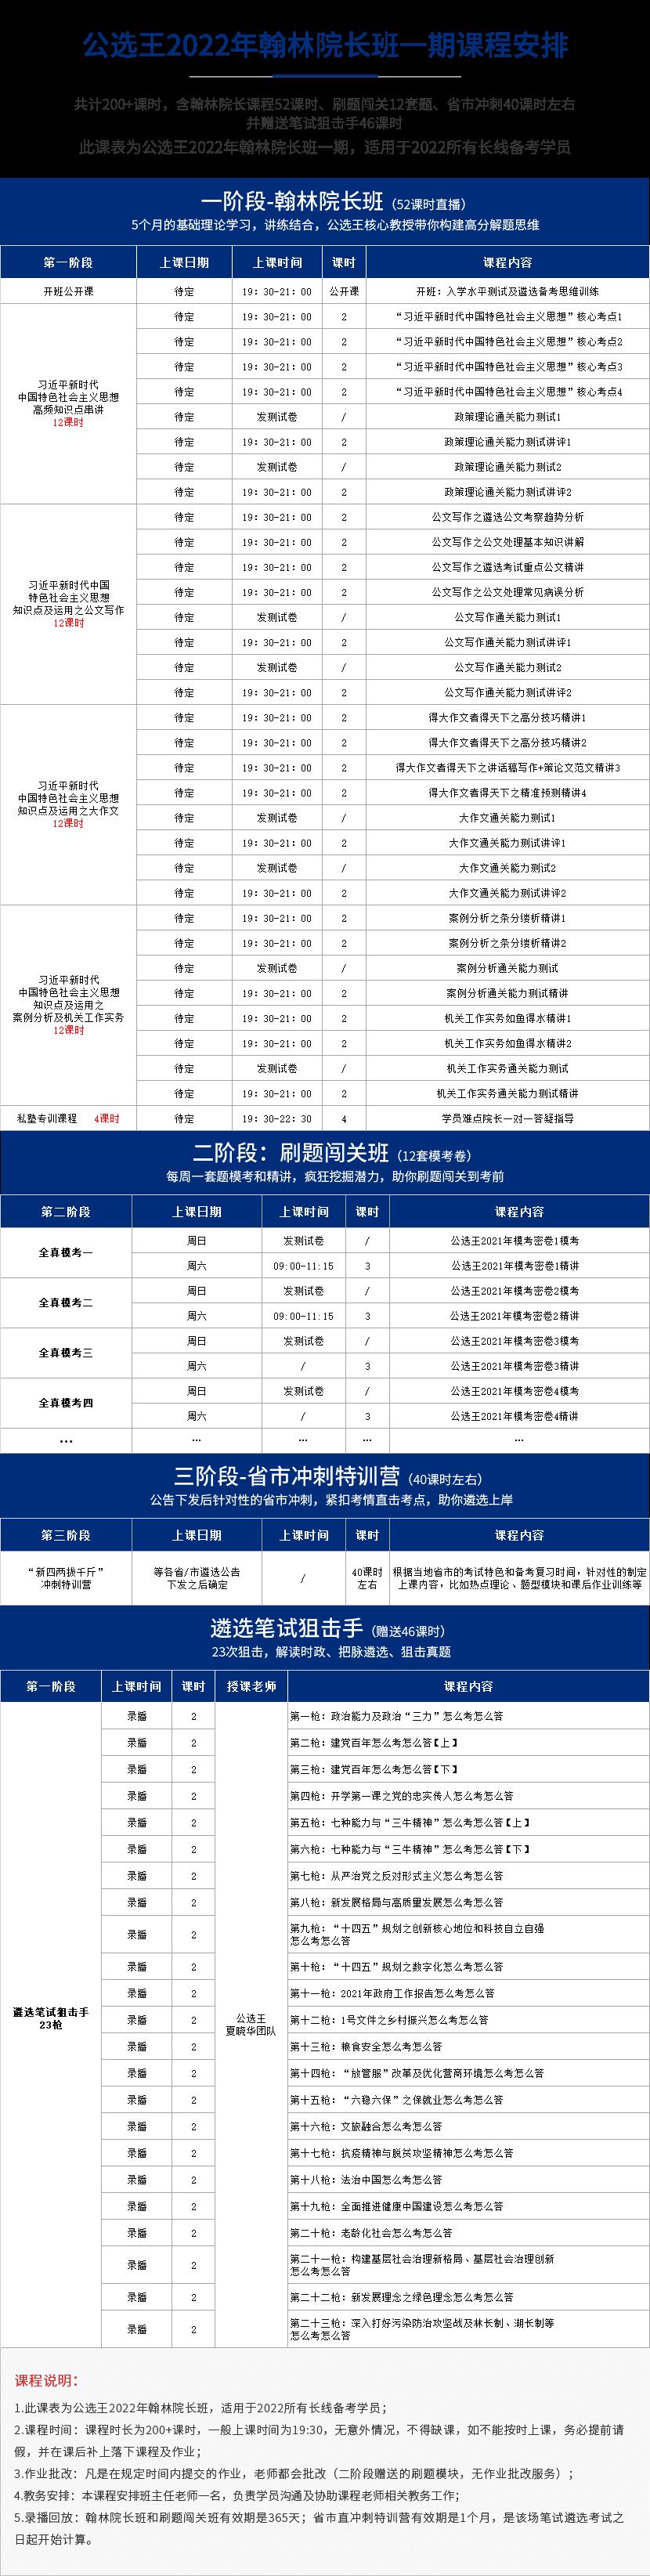 期班课表-PC.png